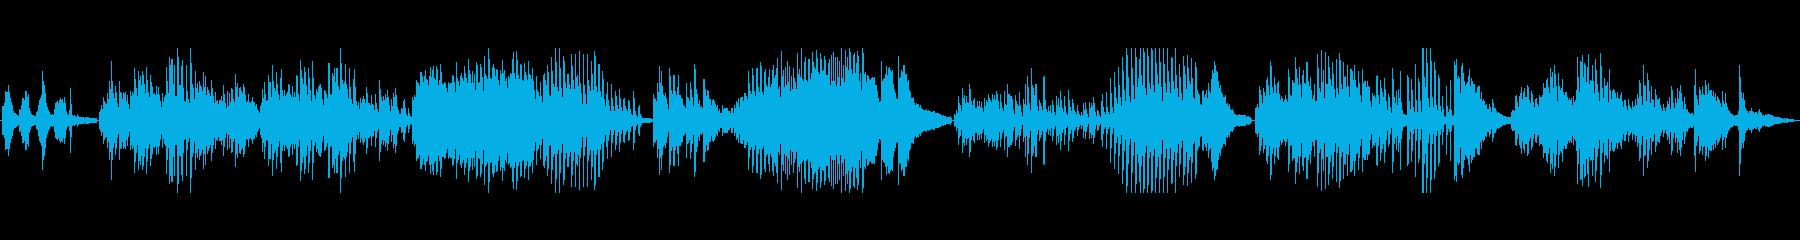 認知症の老人が街を徘徊するイメージの曲の再生済みの波形